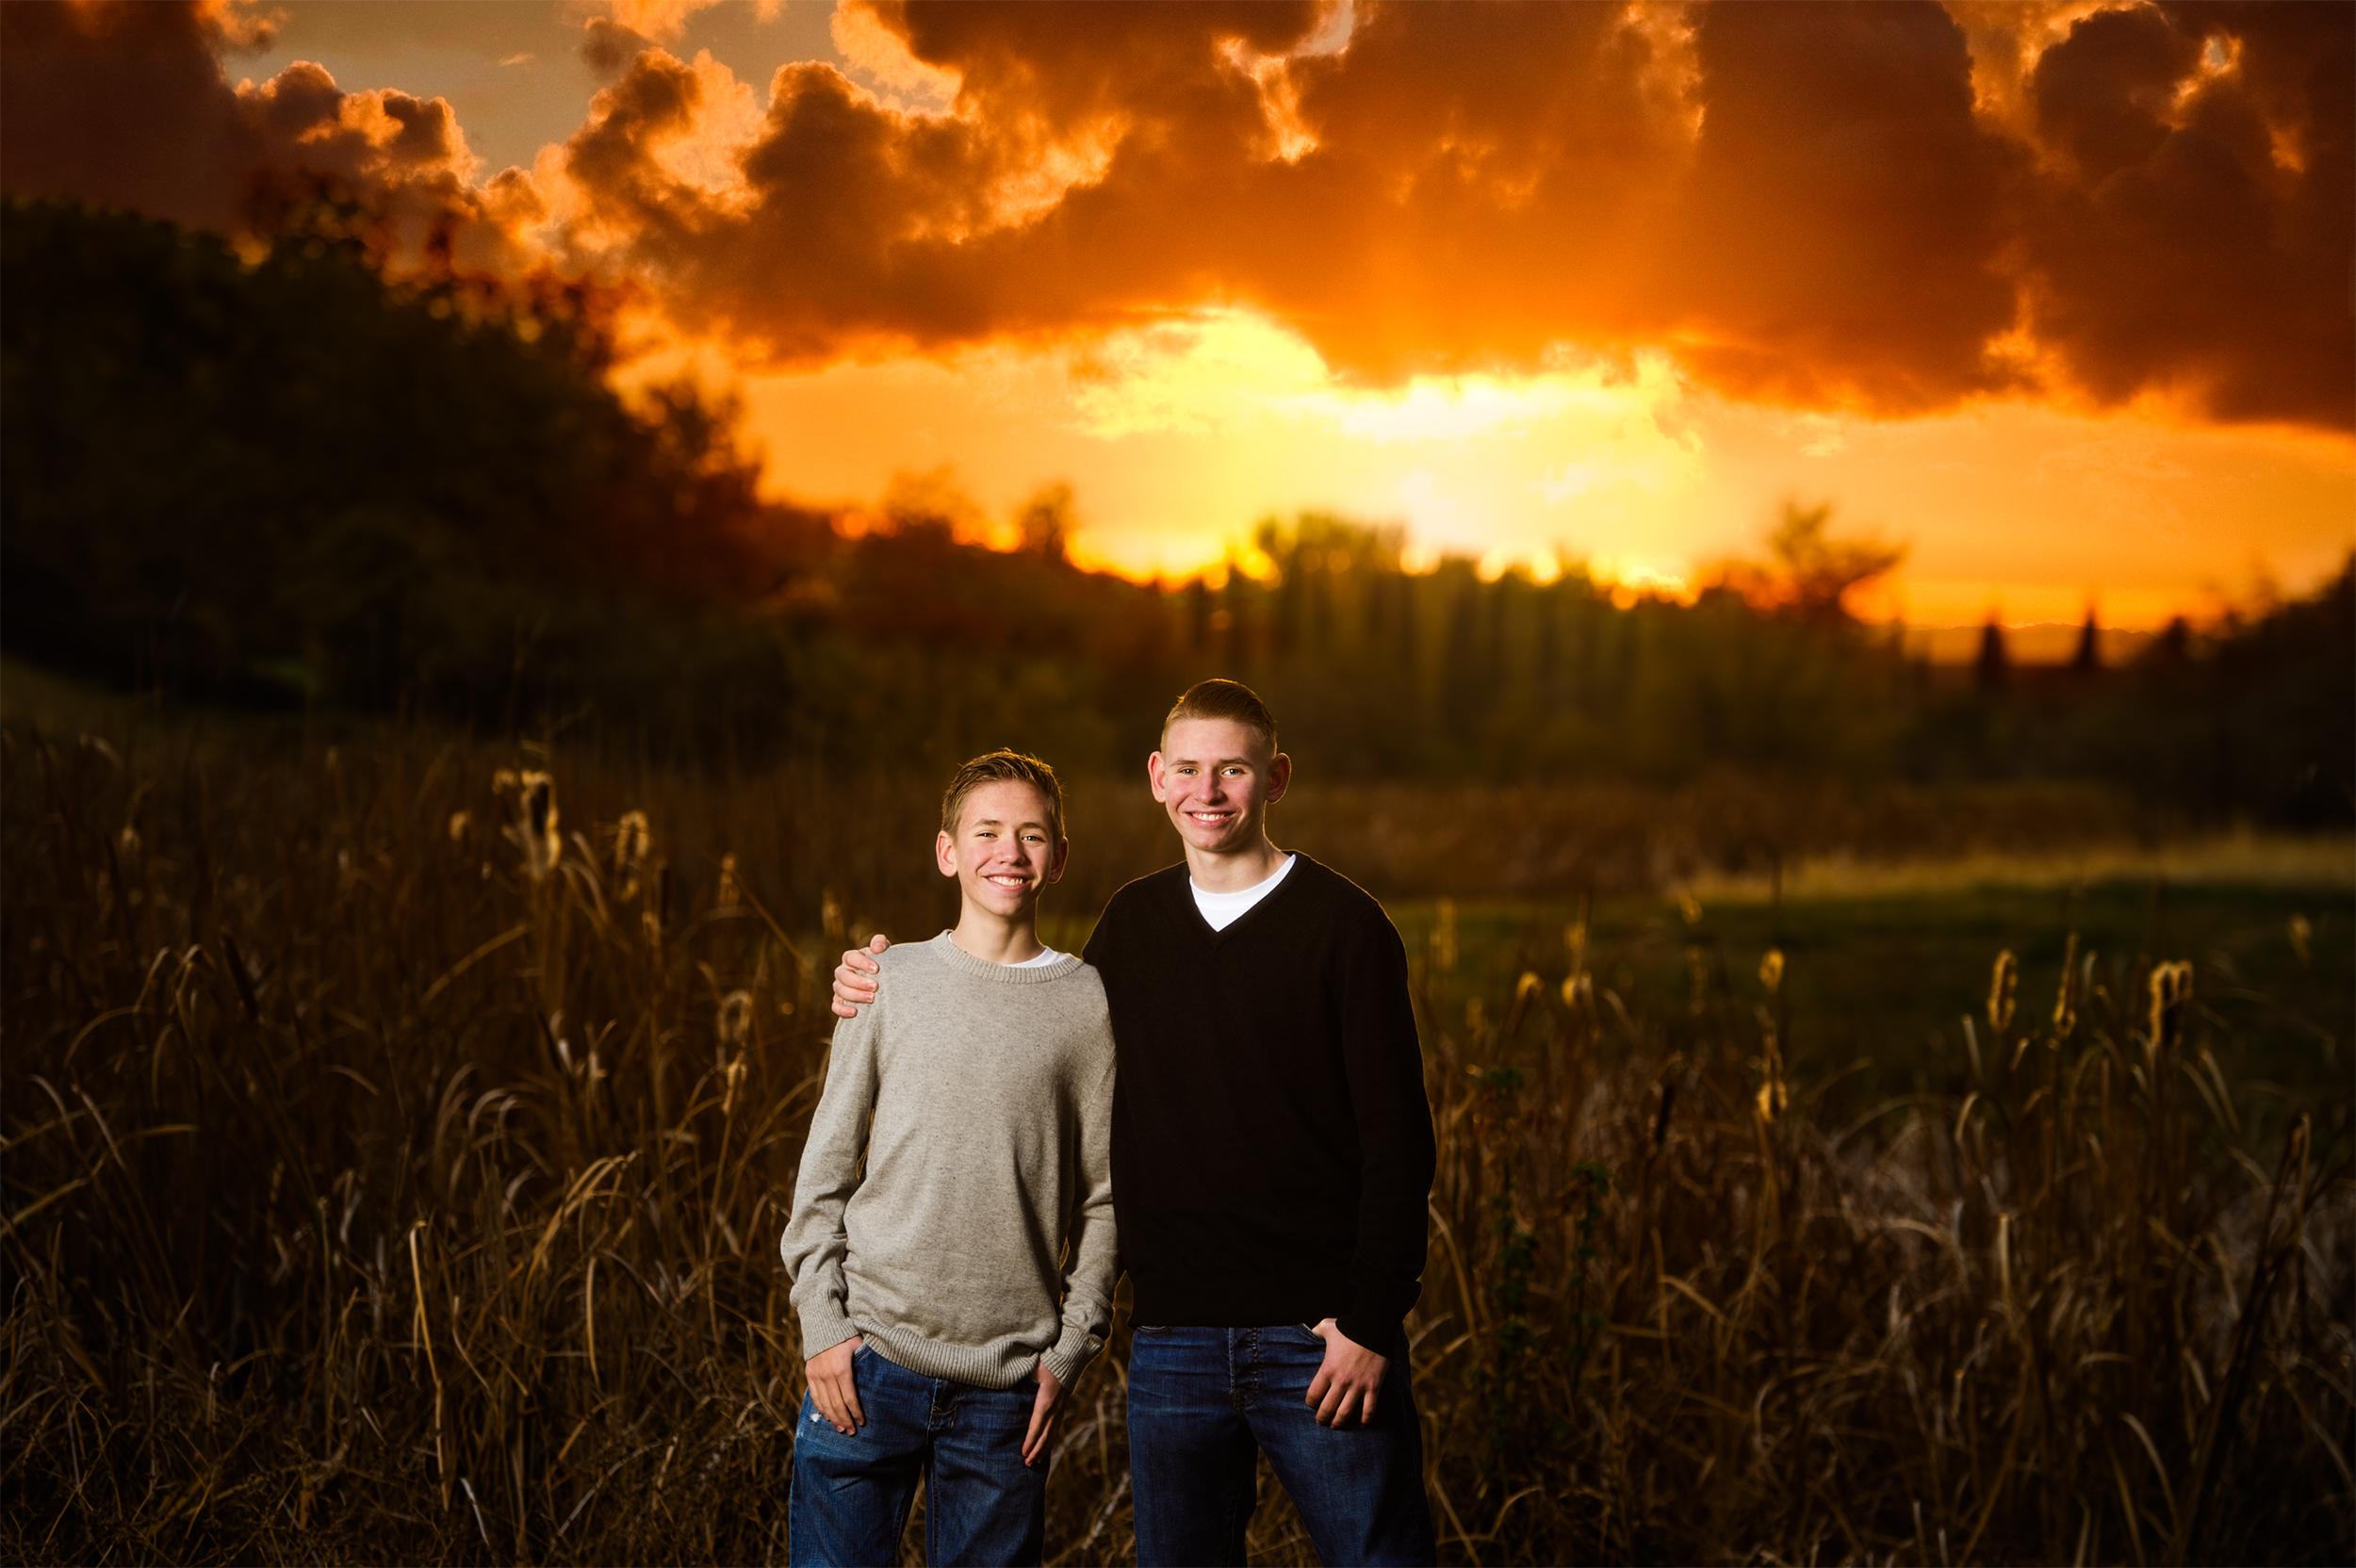 Boys-sunset.jpg